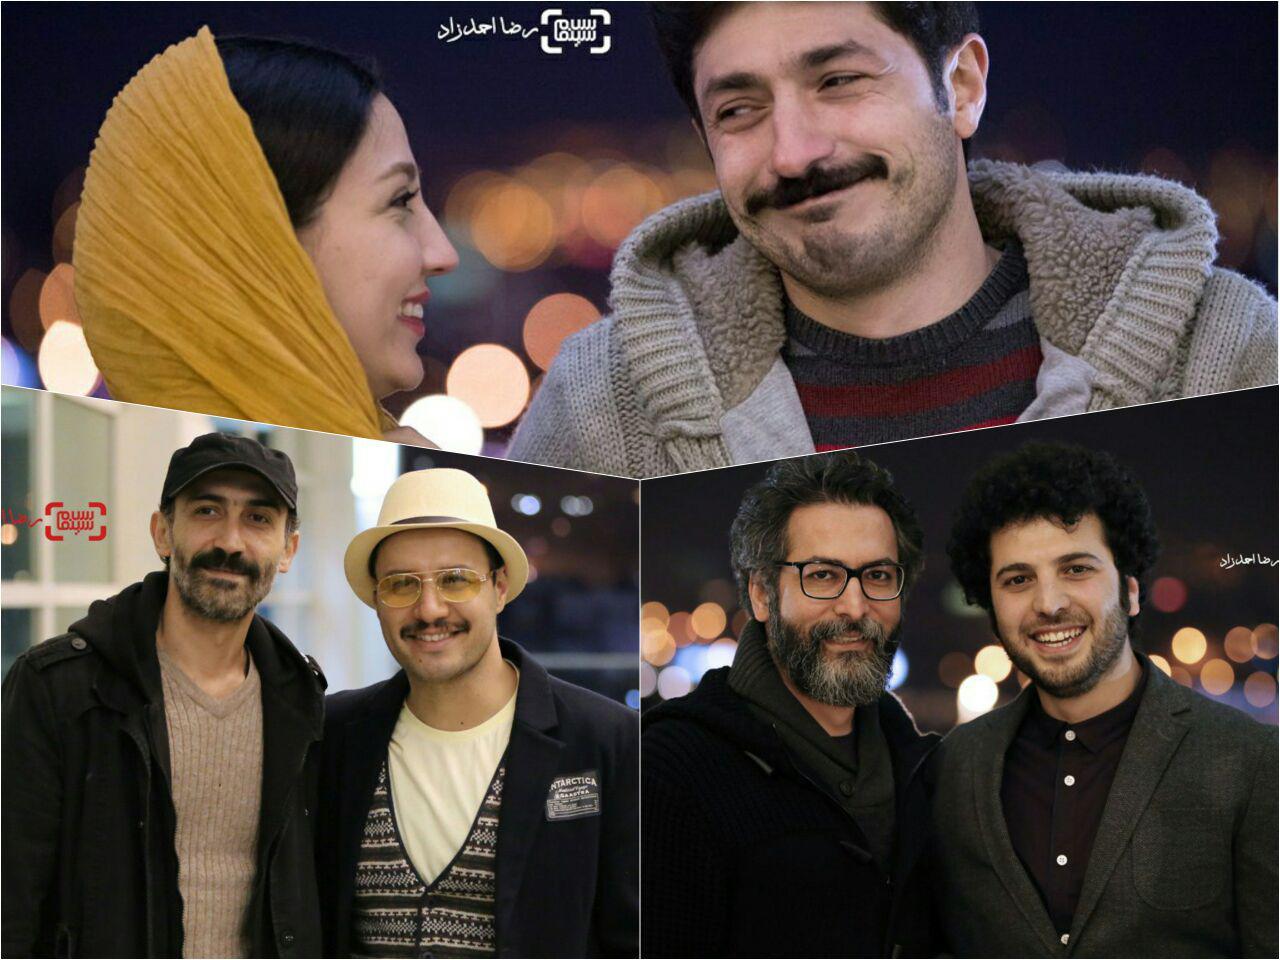 گزارش تصویری حواشی روز هفتم، هشتم و نهم جشنواره فیلم فجر 35